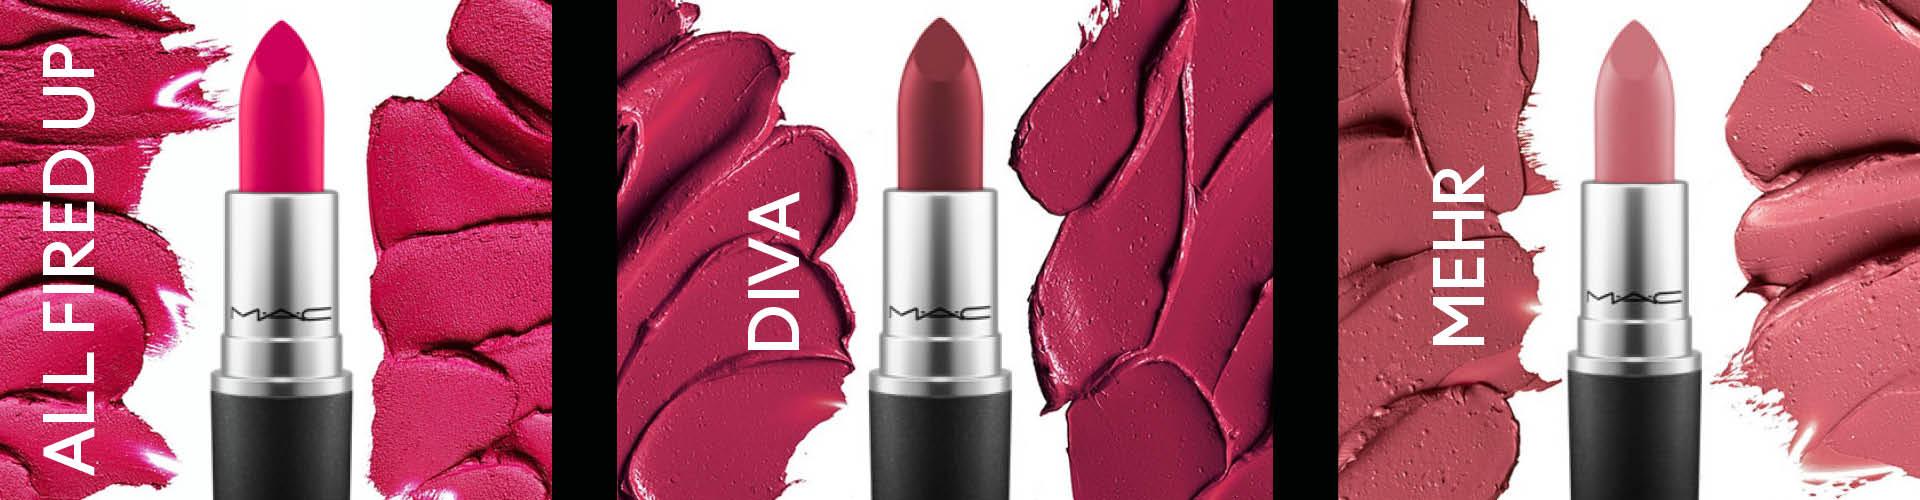 Labial gratis Mac cosmetics por compras de 29€